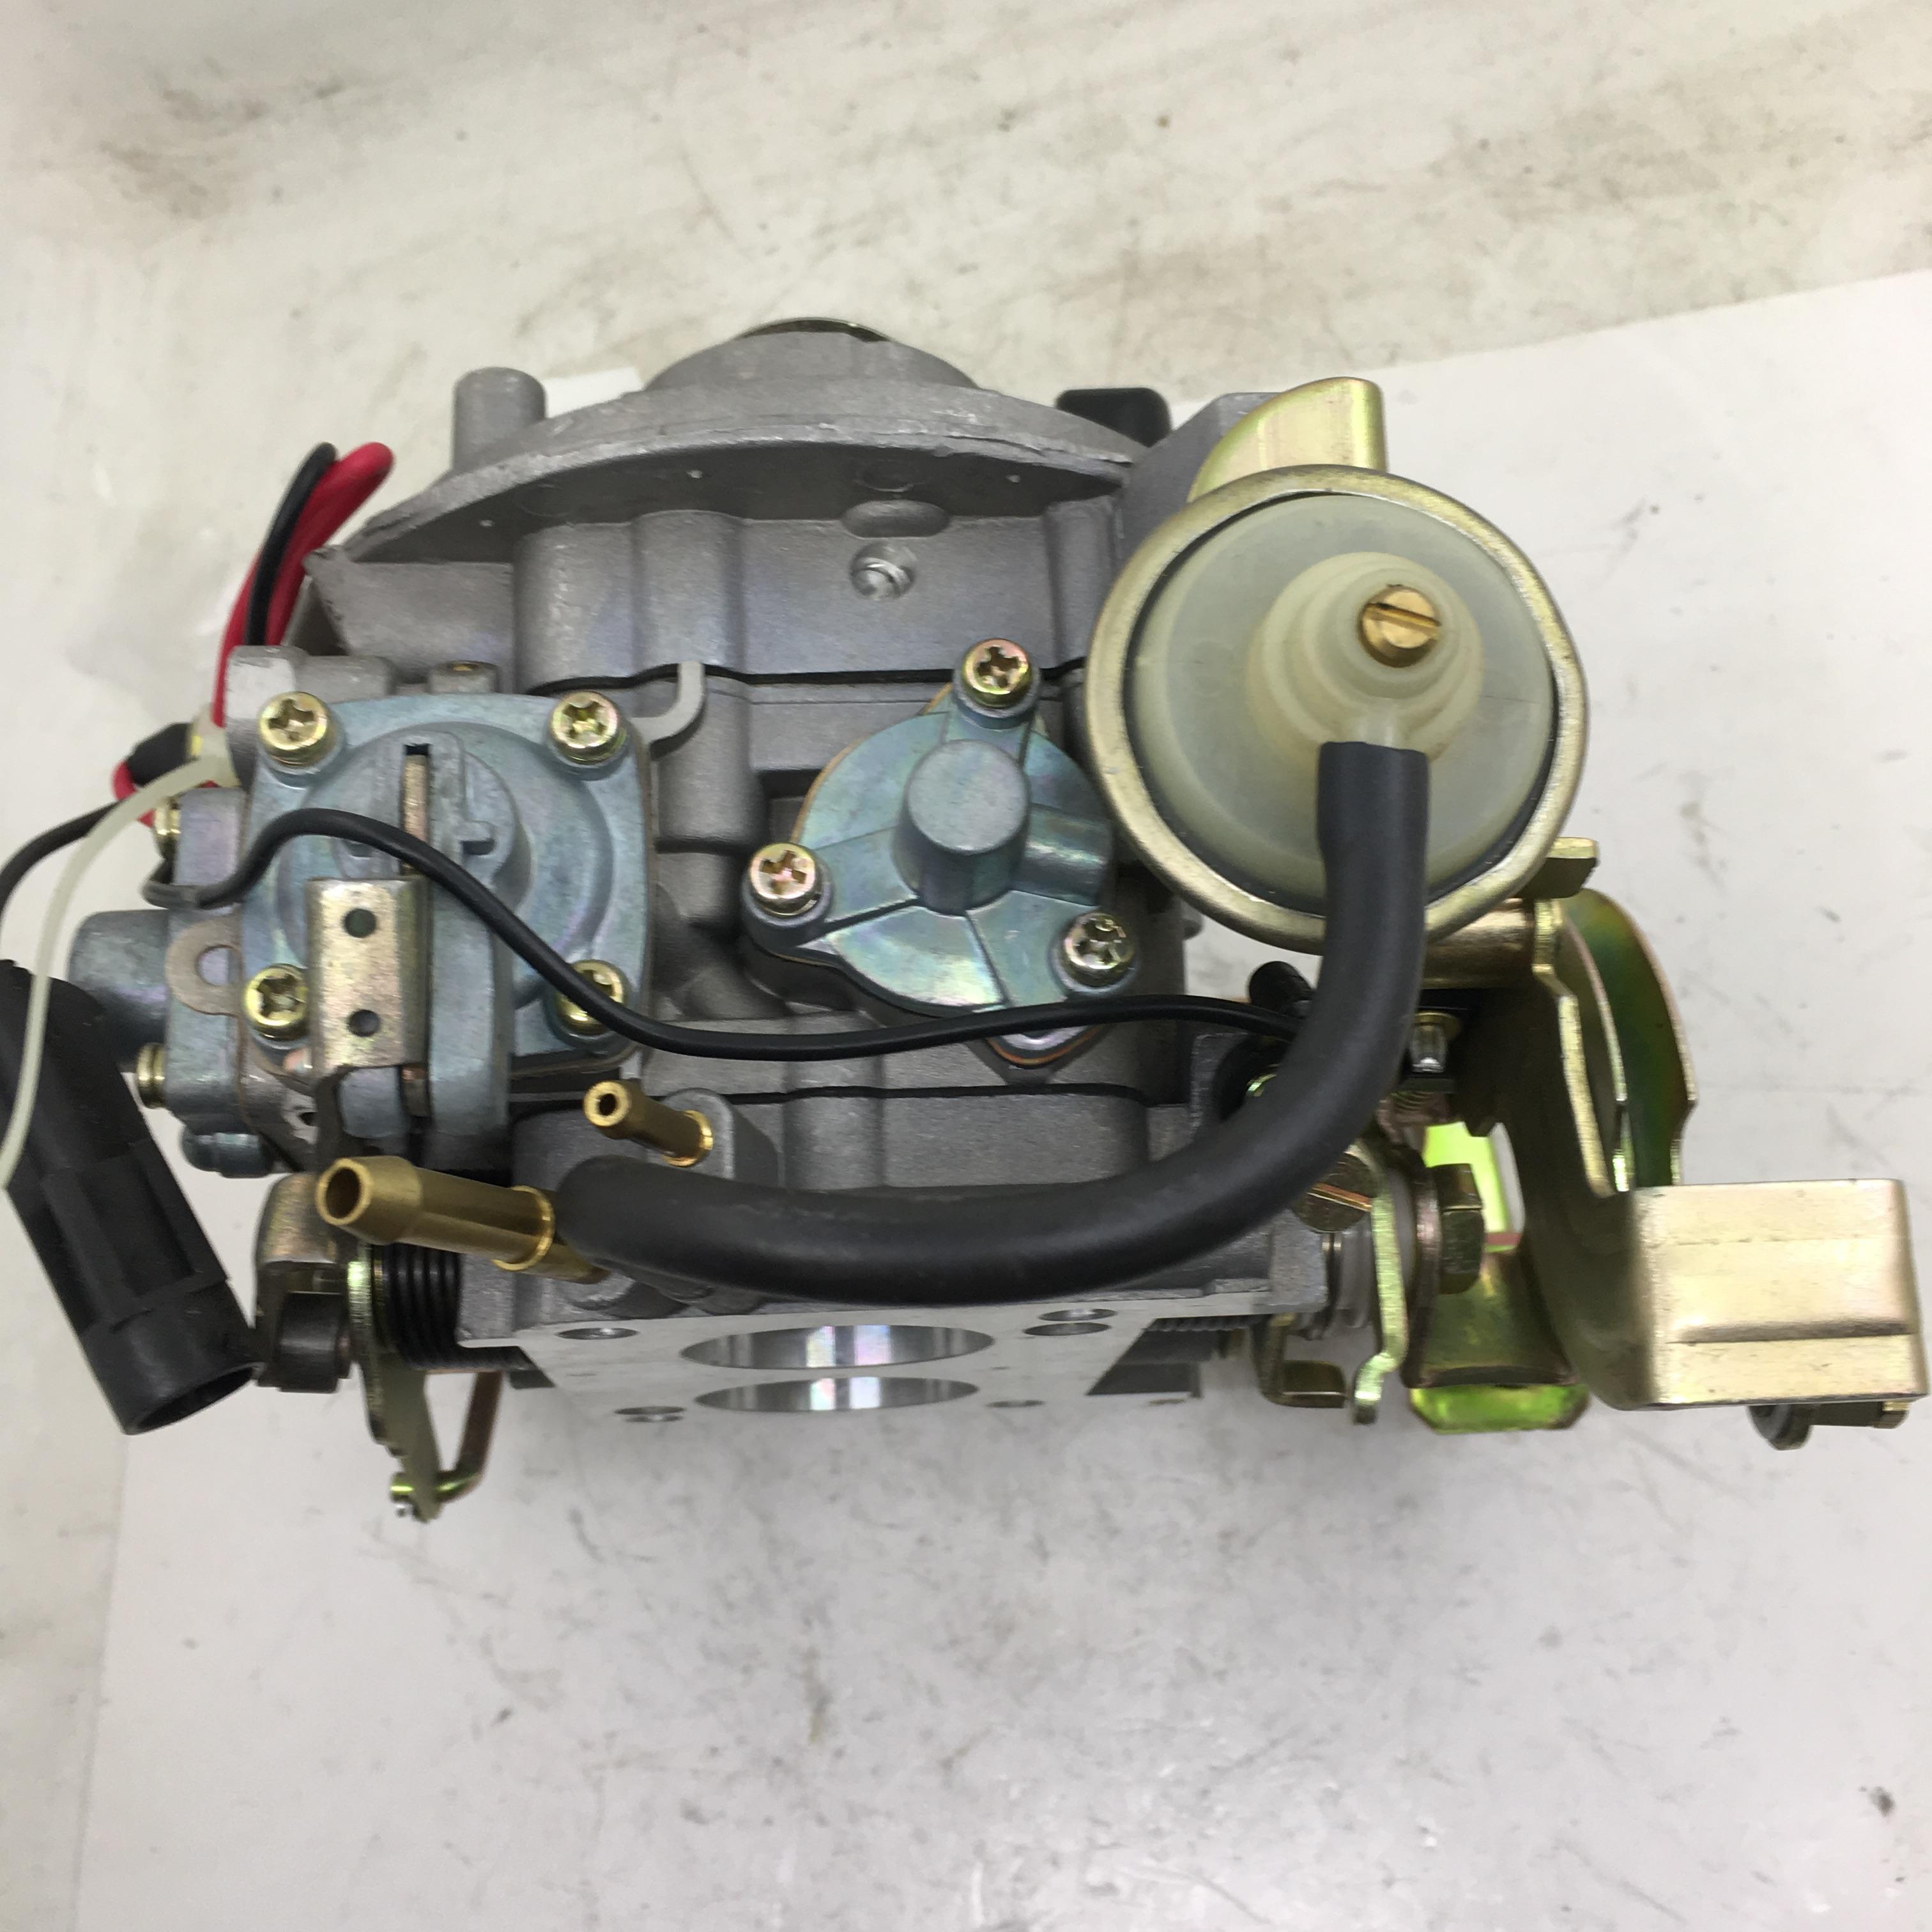 SherryBerg CARB CARBURETOR Vergaser 32 / 34TLDE CARBURADOR karbonhidrat 3234TLDE Carburatore Fiat Tempra Berlina (159) 1990 1062489